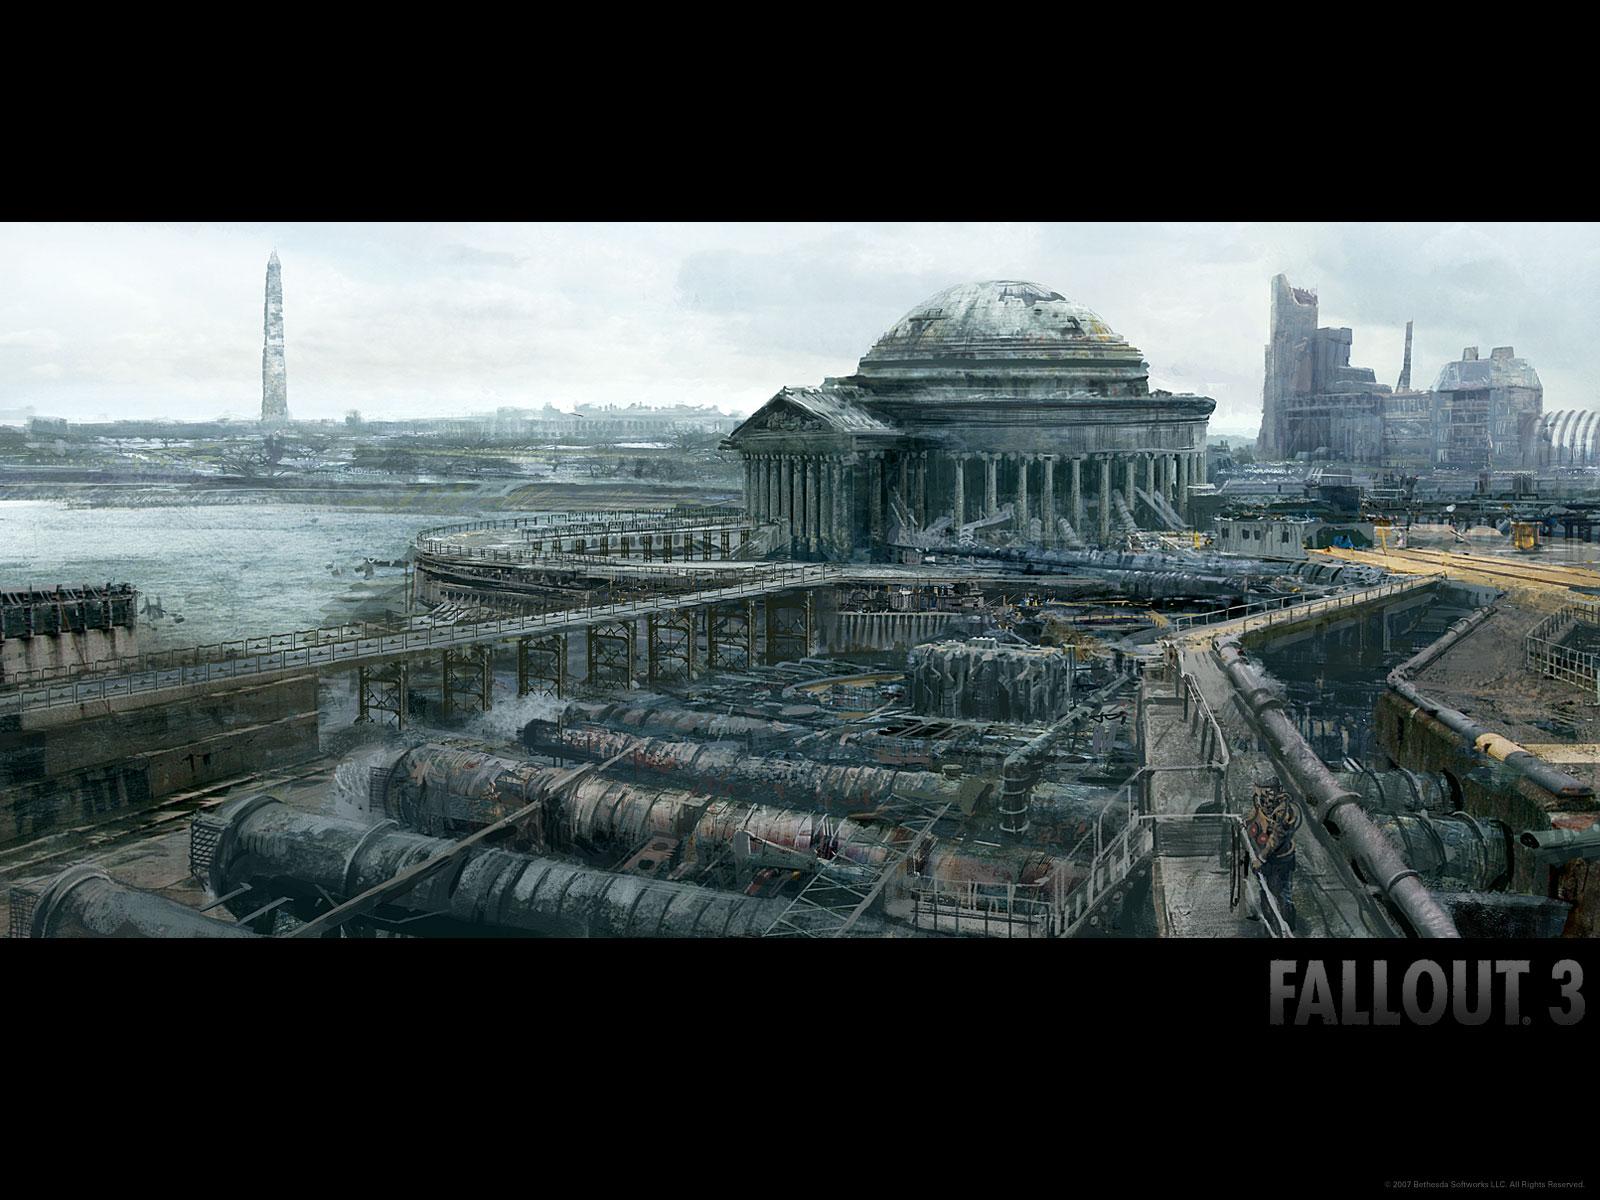 http://1.bp.blogspot.com/-_SJu8XduSqw/TXpMotIK2rI/AAAAAAAAEMw/72twuuWifC8/s1600/Fallout%252B3%252BWallpaper%252B1%252B.jpg